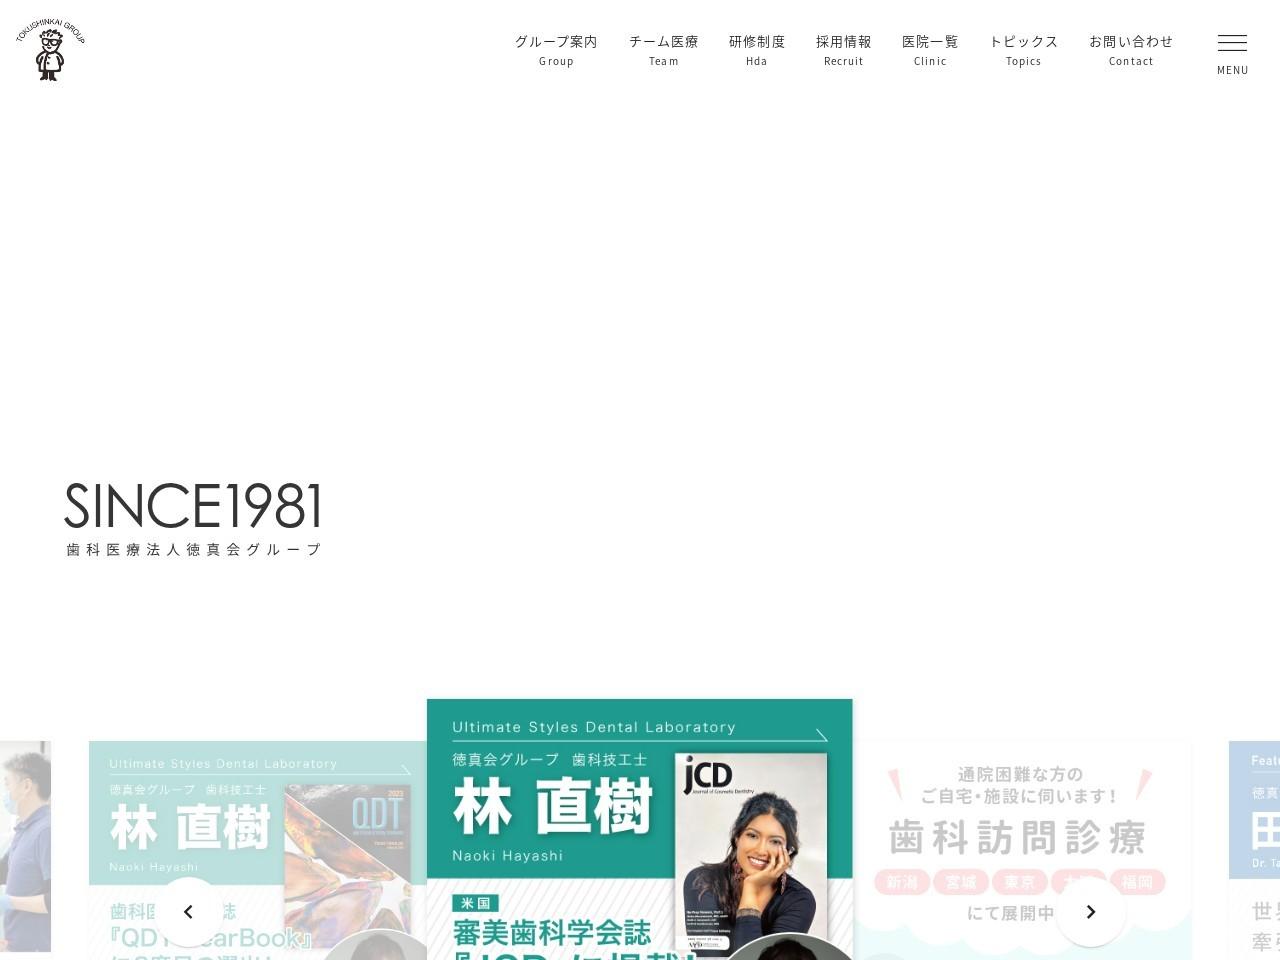 医療法人徳真会グループ  みのおデンタルクリニック (大阪府箕面市)